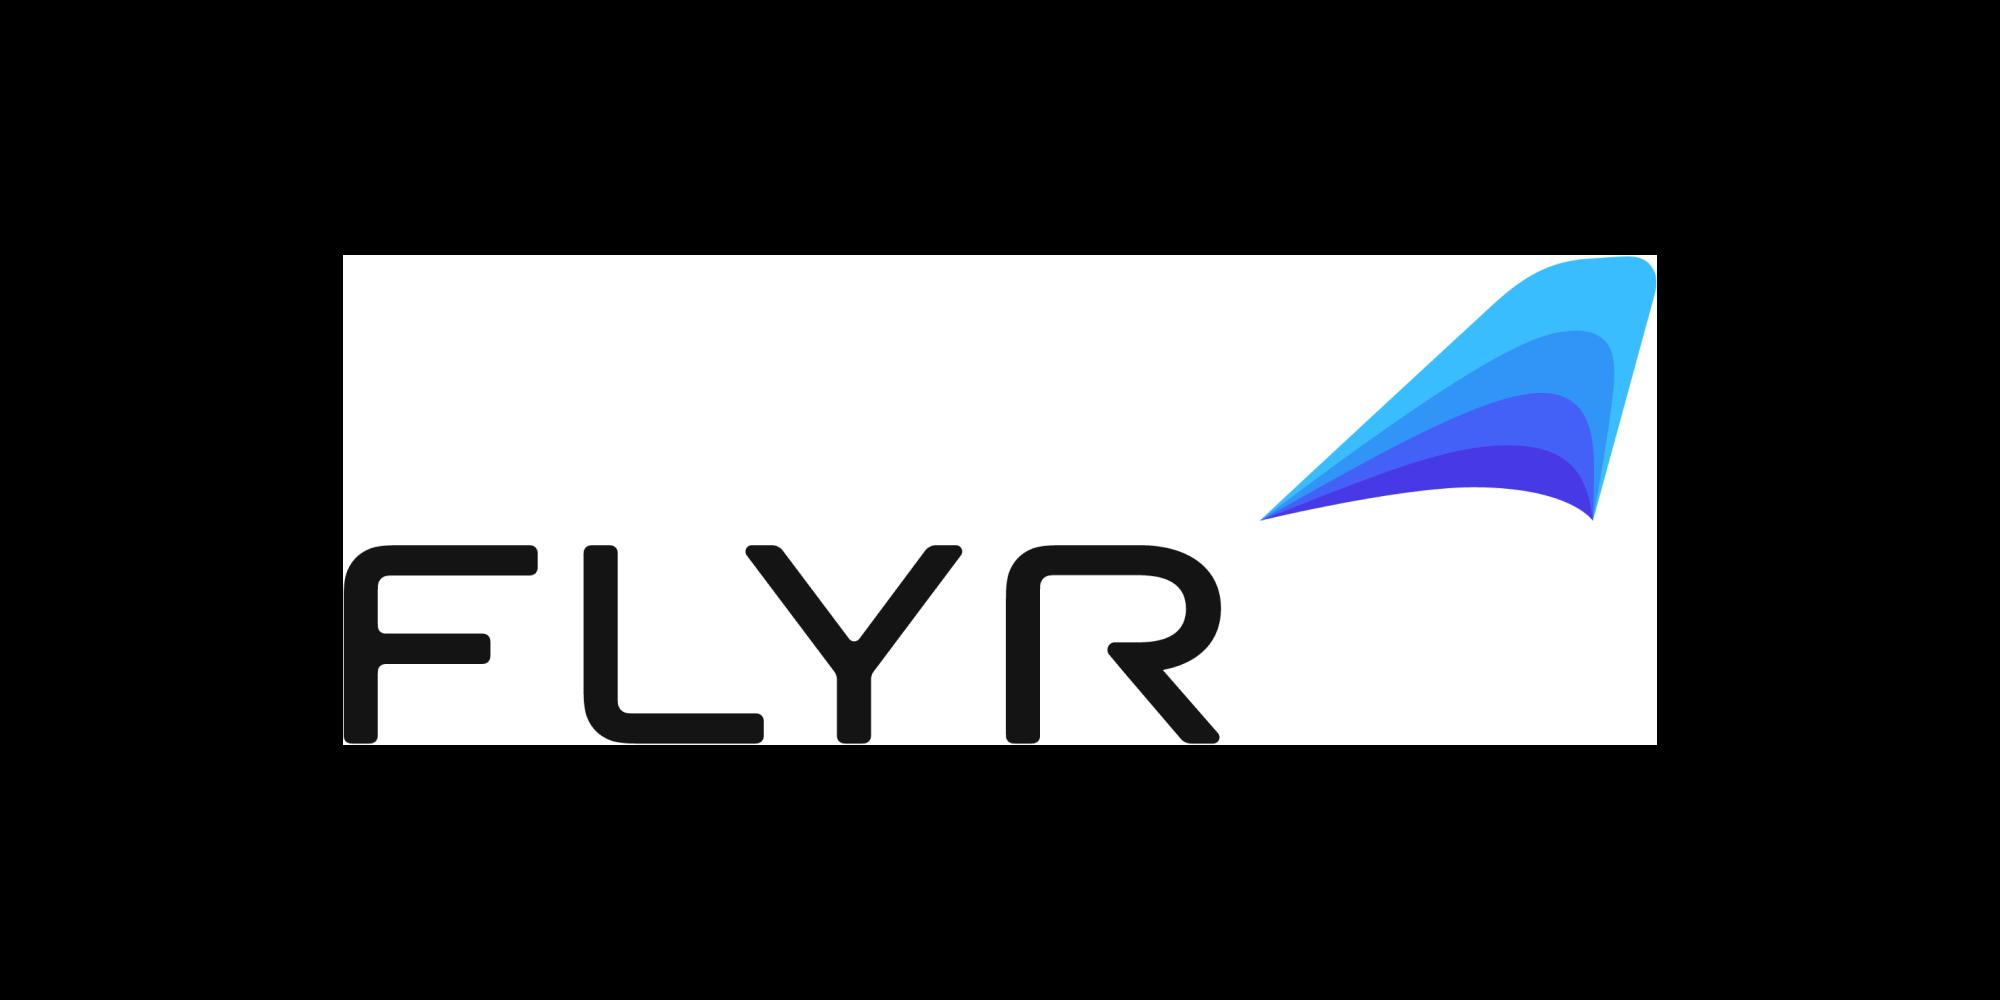 Flyr Logo